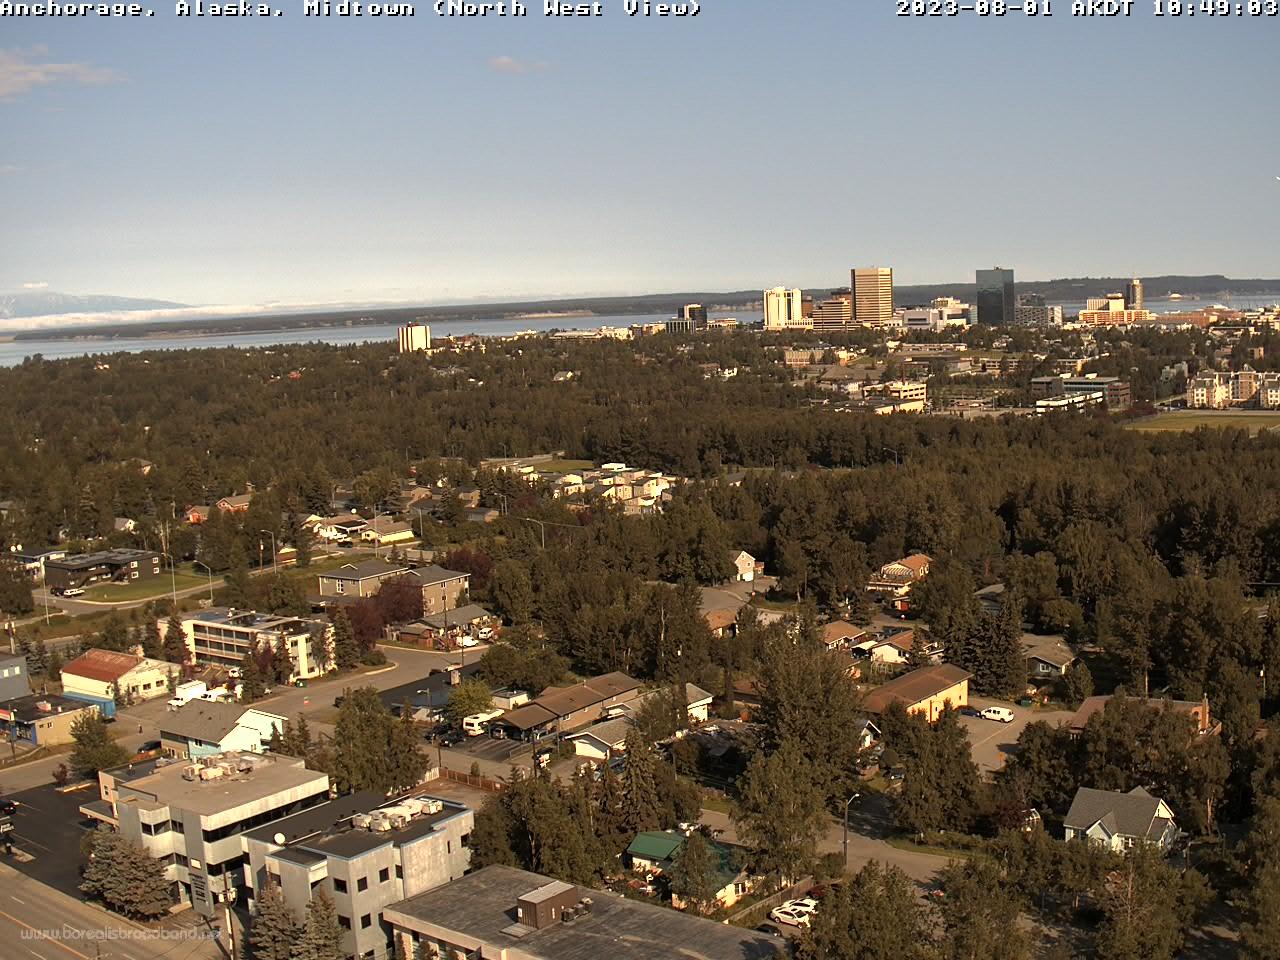 Anchorage, Alaska Fri. 10:49